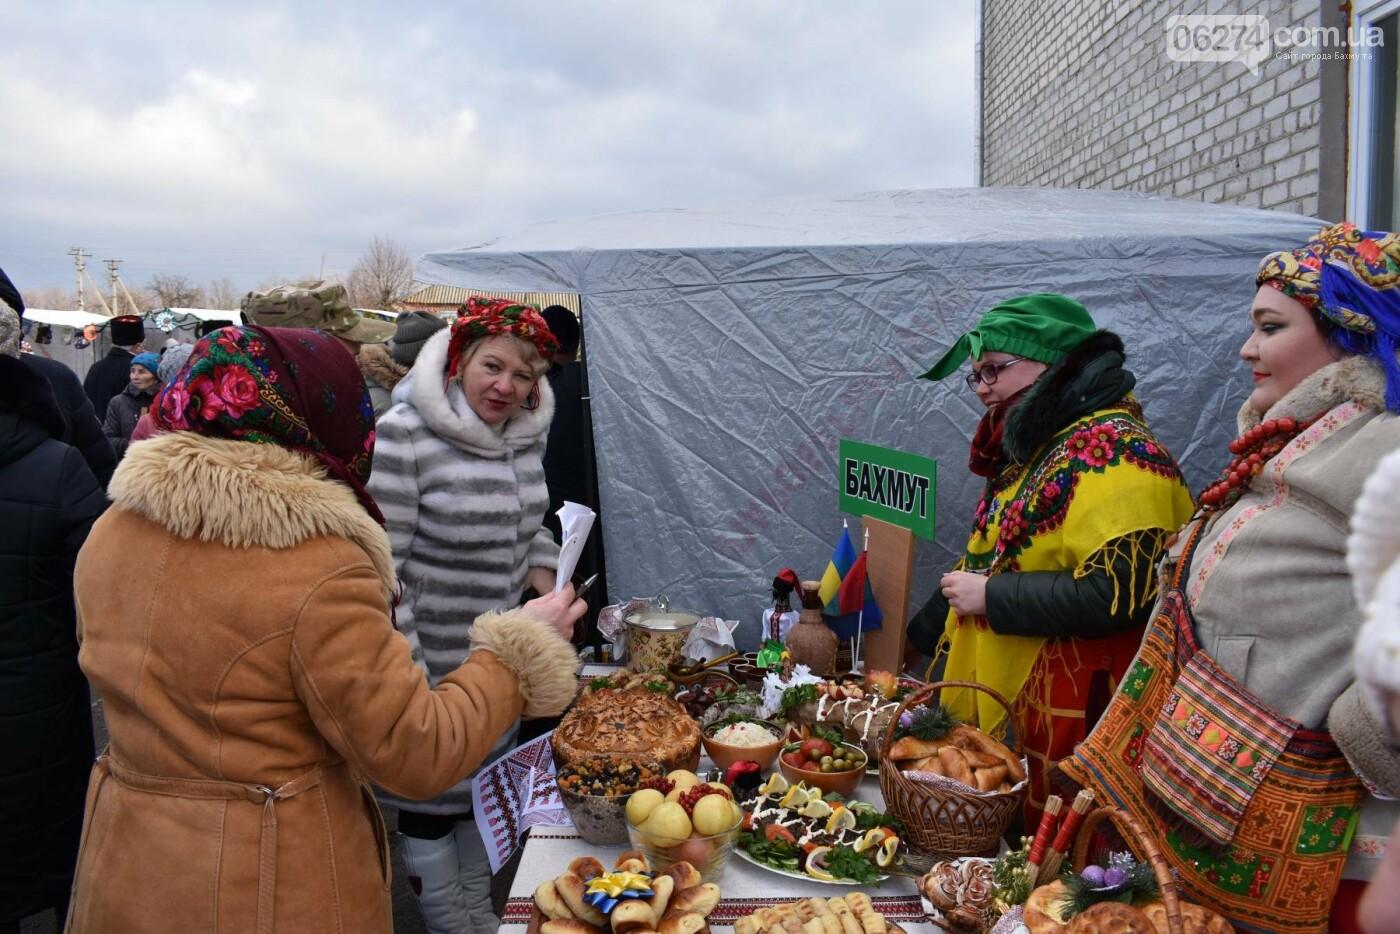 Бахмутские коллективы приняли участие в фестивале вертепов «Рождественский перезвон», фото-14